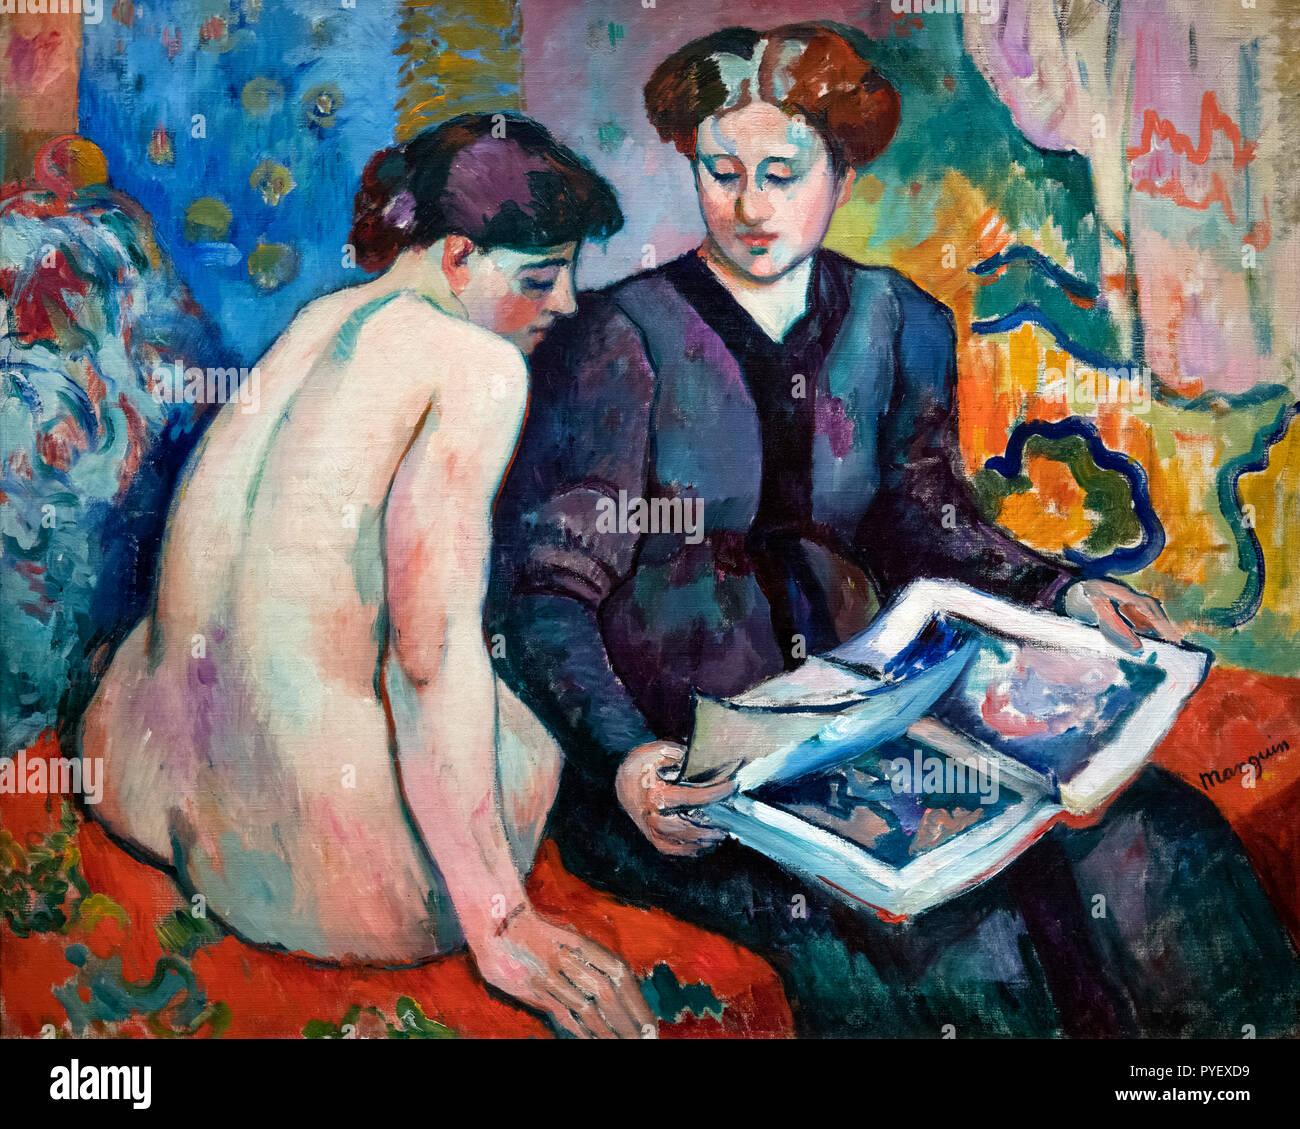 Die Drucke von Henri Charles Manguin (1874-1949), Öl auf Leinwand, 1905 Stockbild